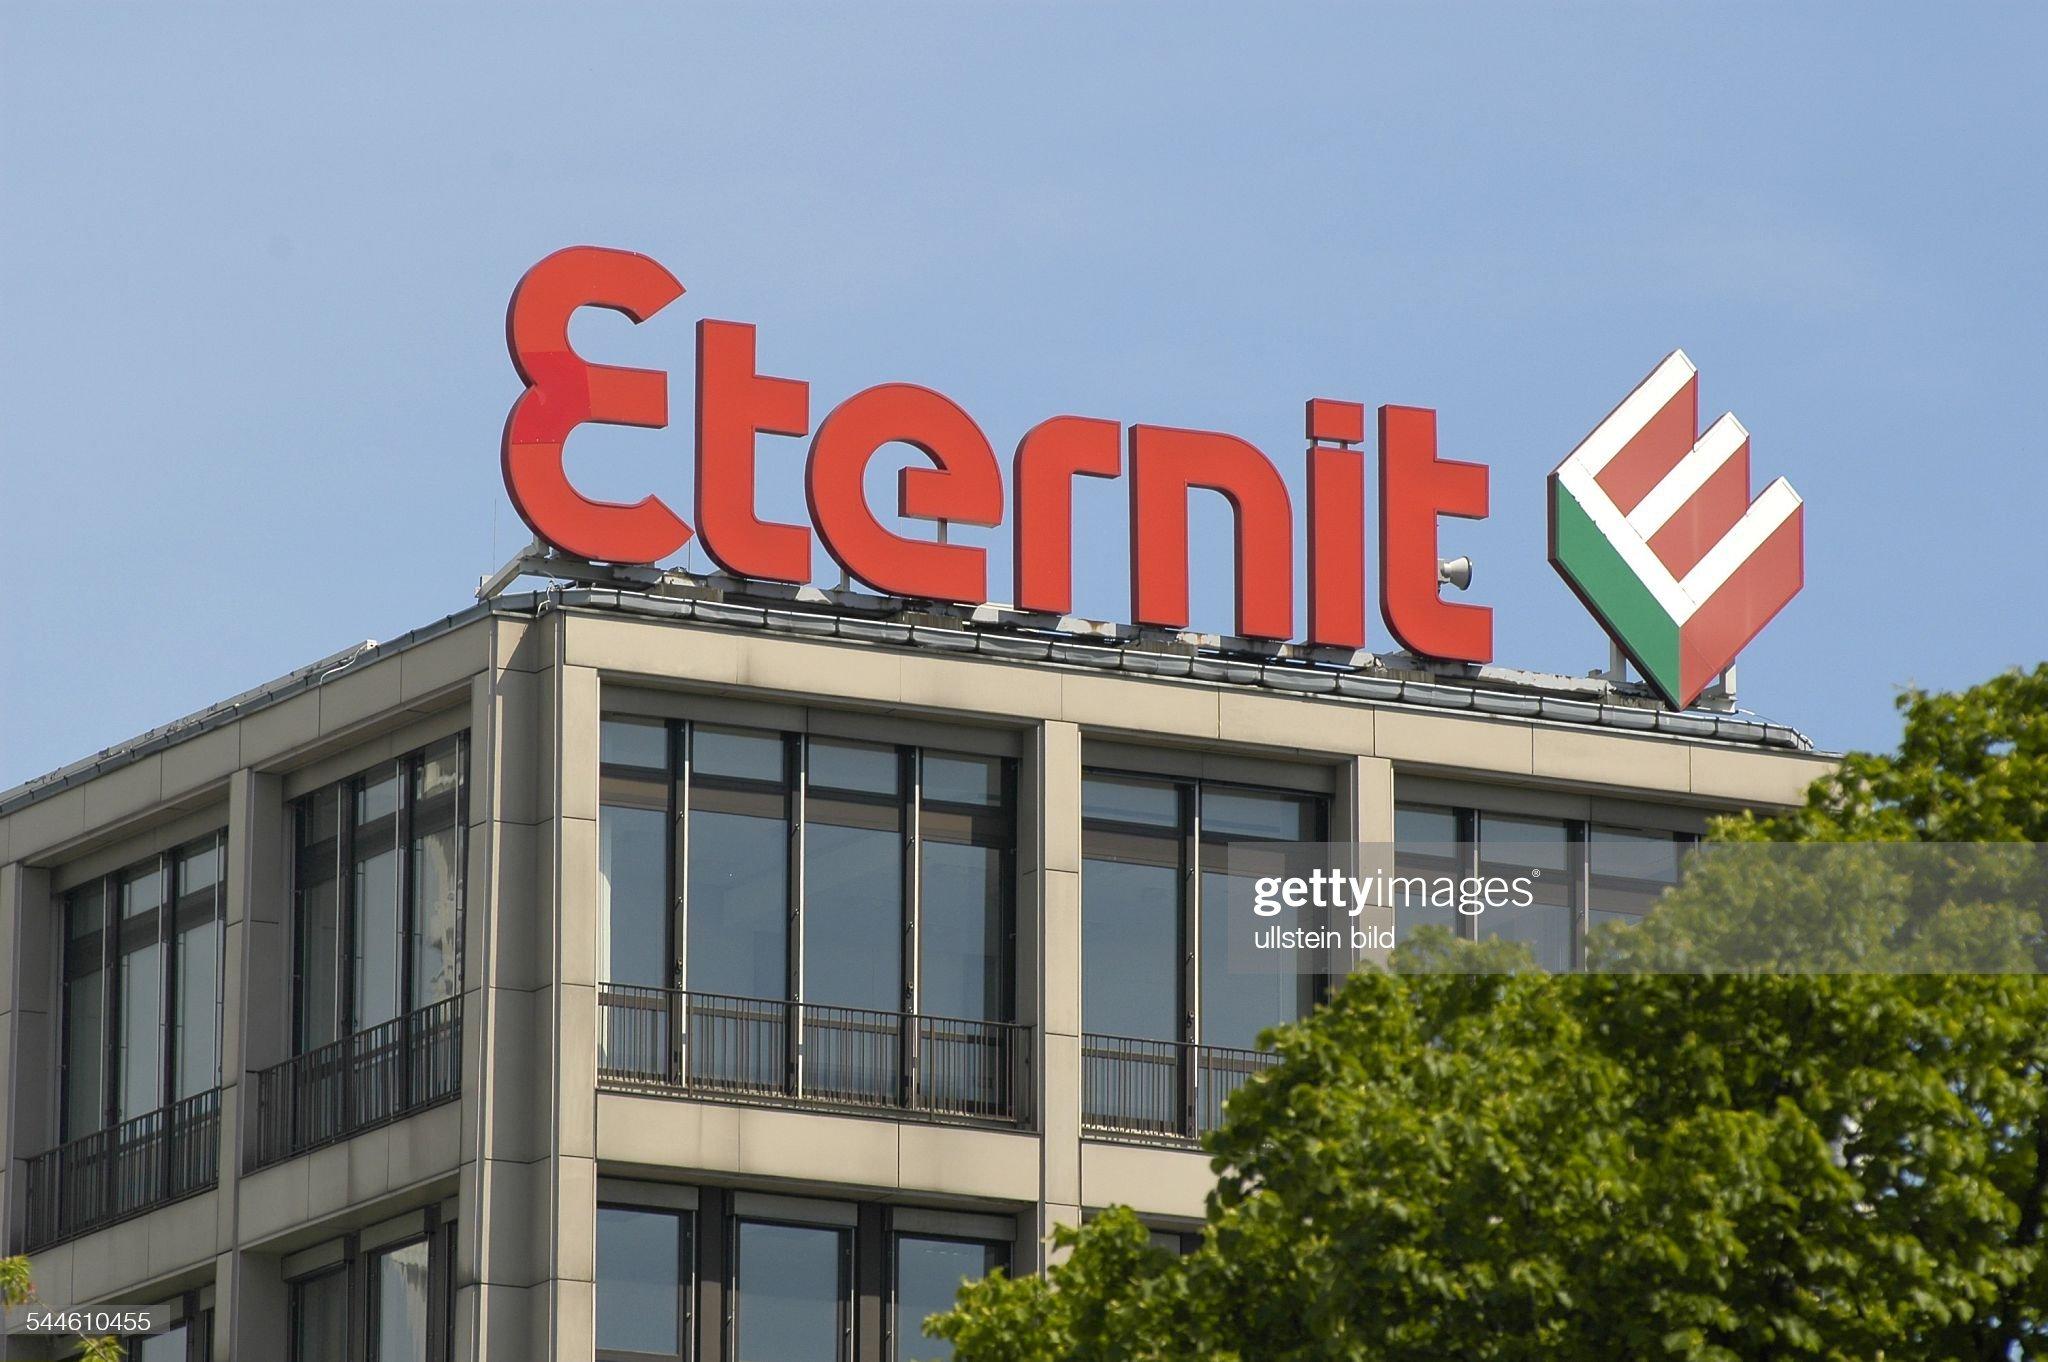 Berlin - Ernst-Reuter-Platz Werbung Eternit : Fotografía de noticias